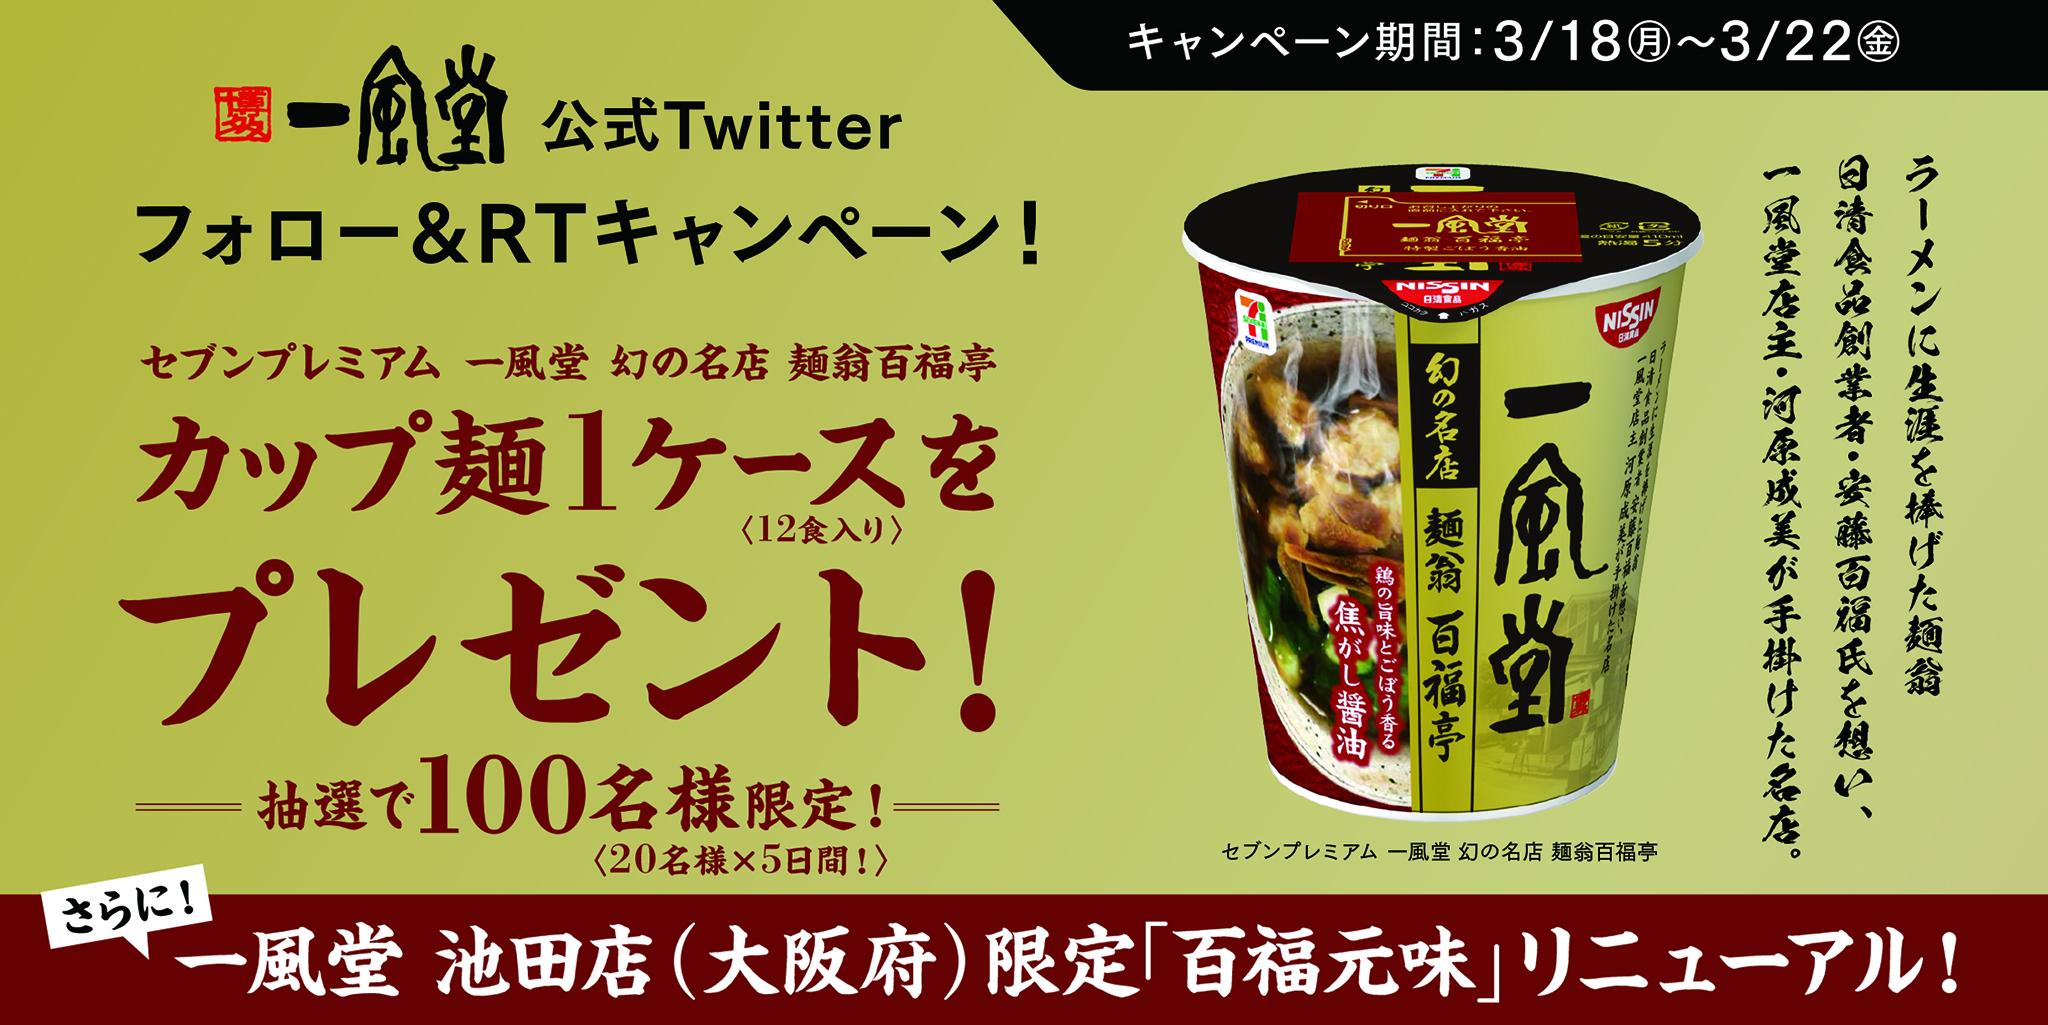 190311_百福亭RT_twitter